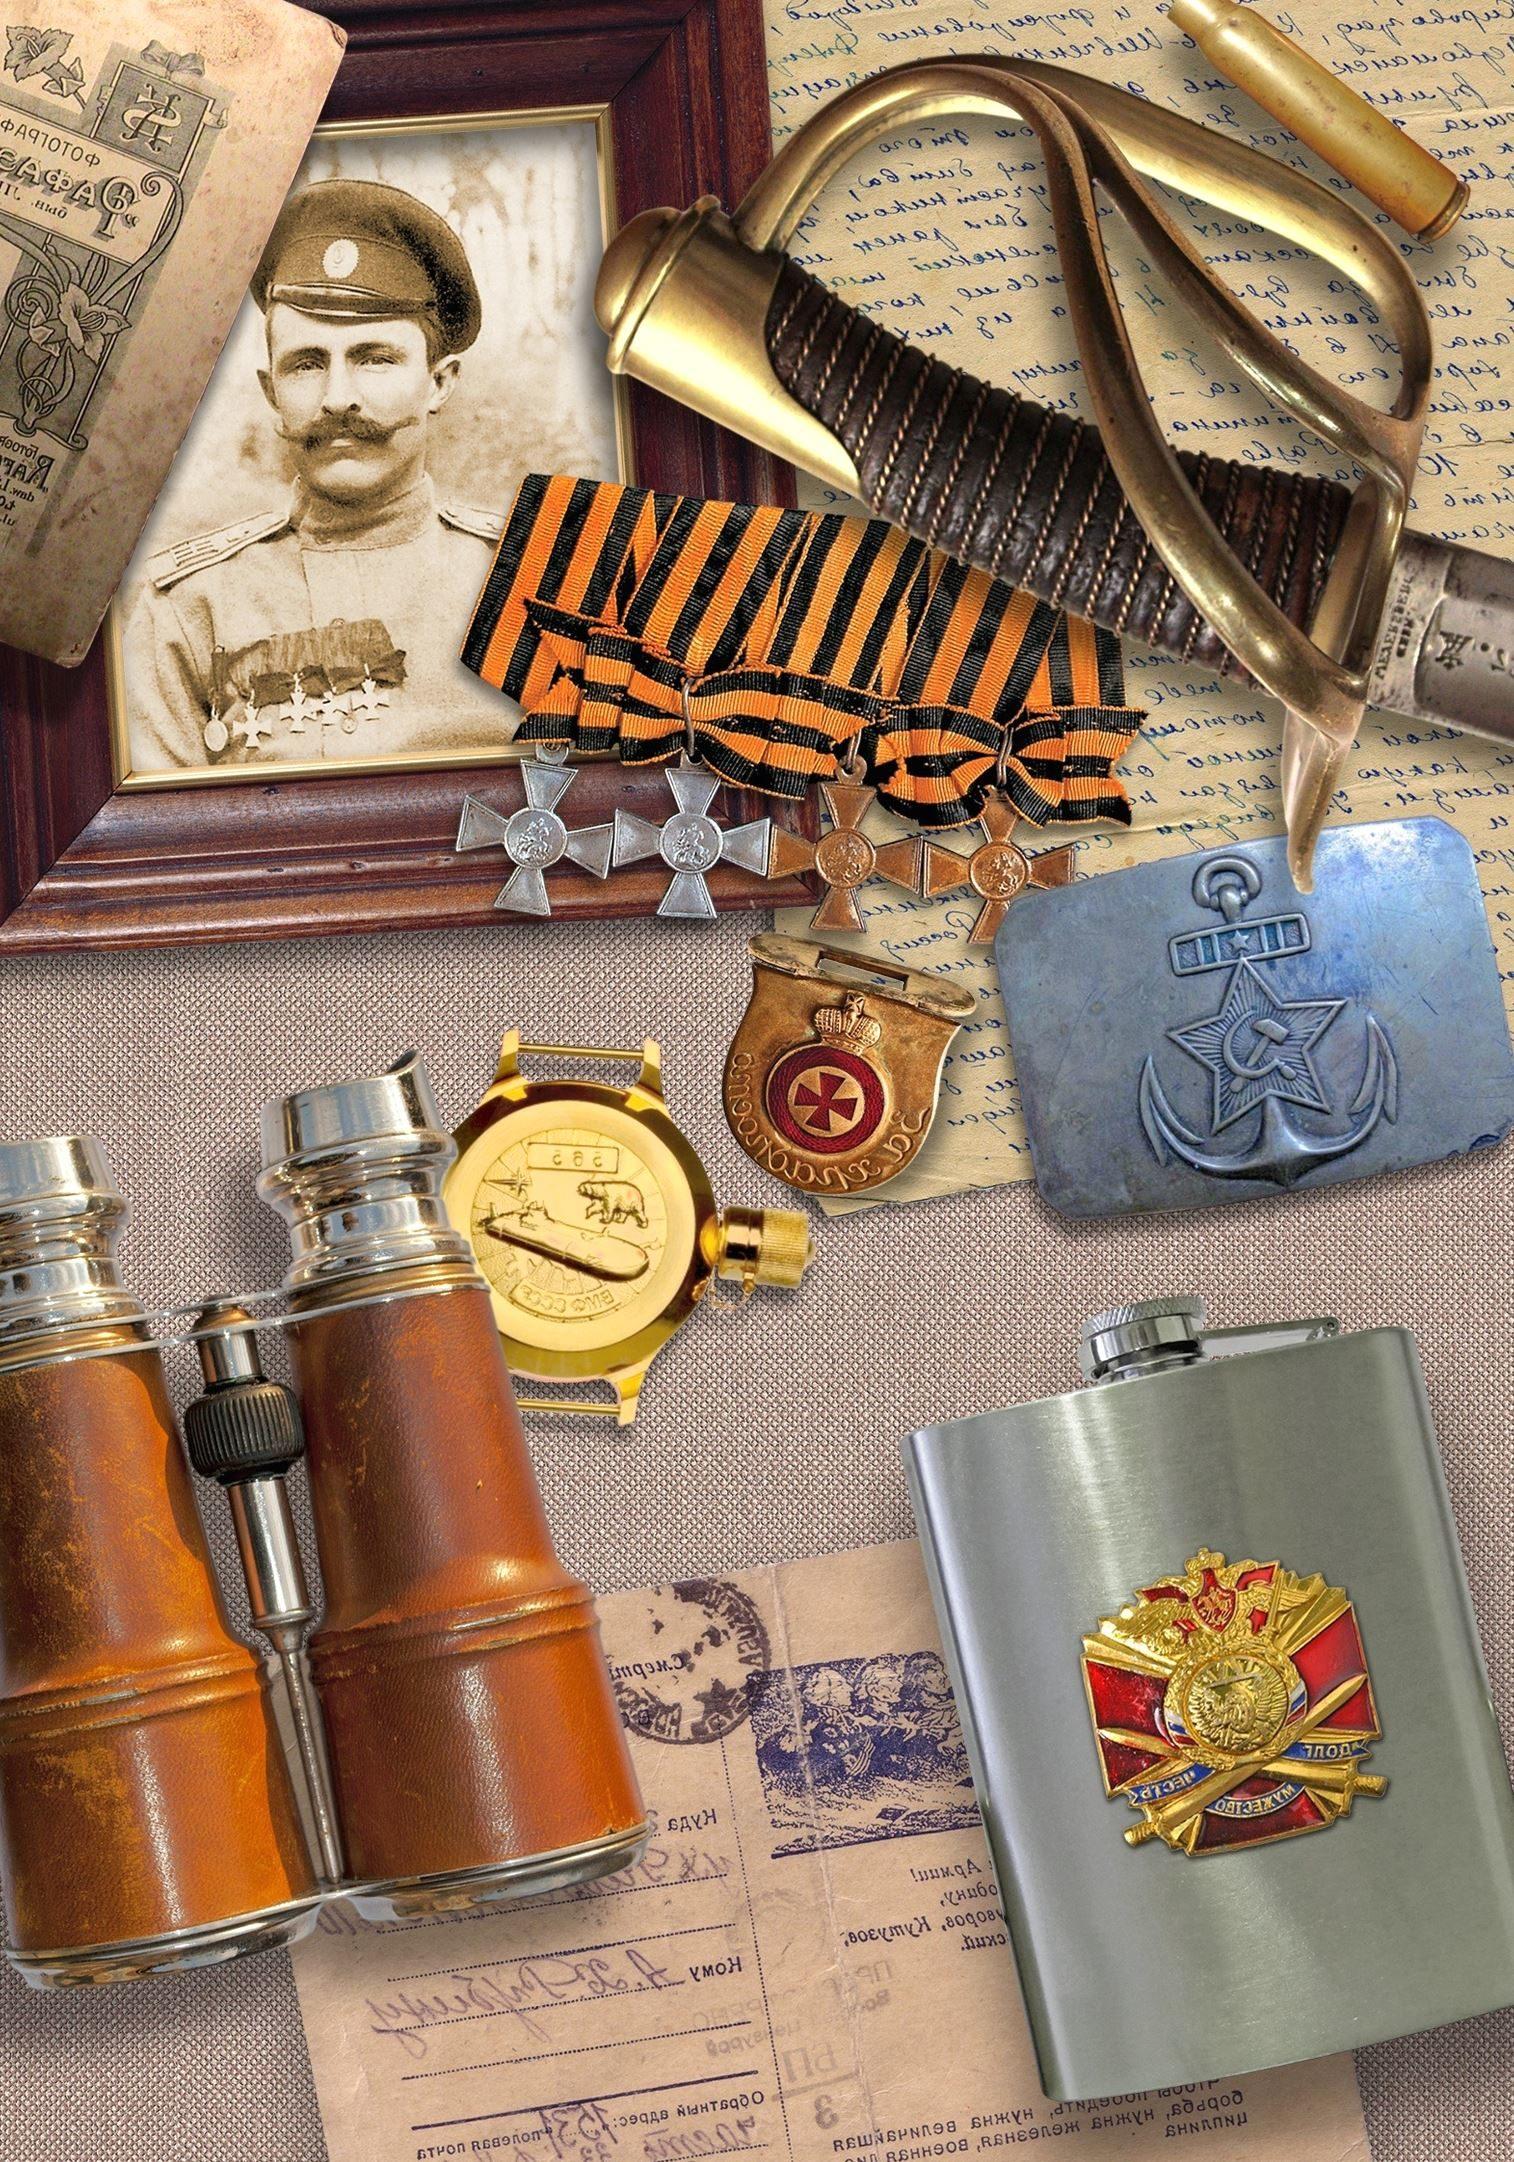 image libre militaire du papier des prix des jumelles l 39 histoire la deuxi me guerre mondiale. Black Bedroom Furniture Sets. Home Design Ideas